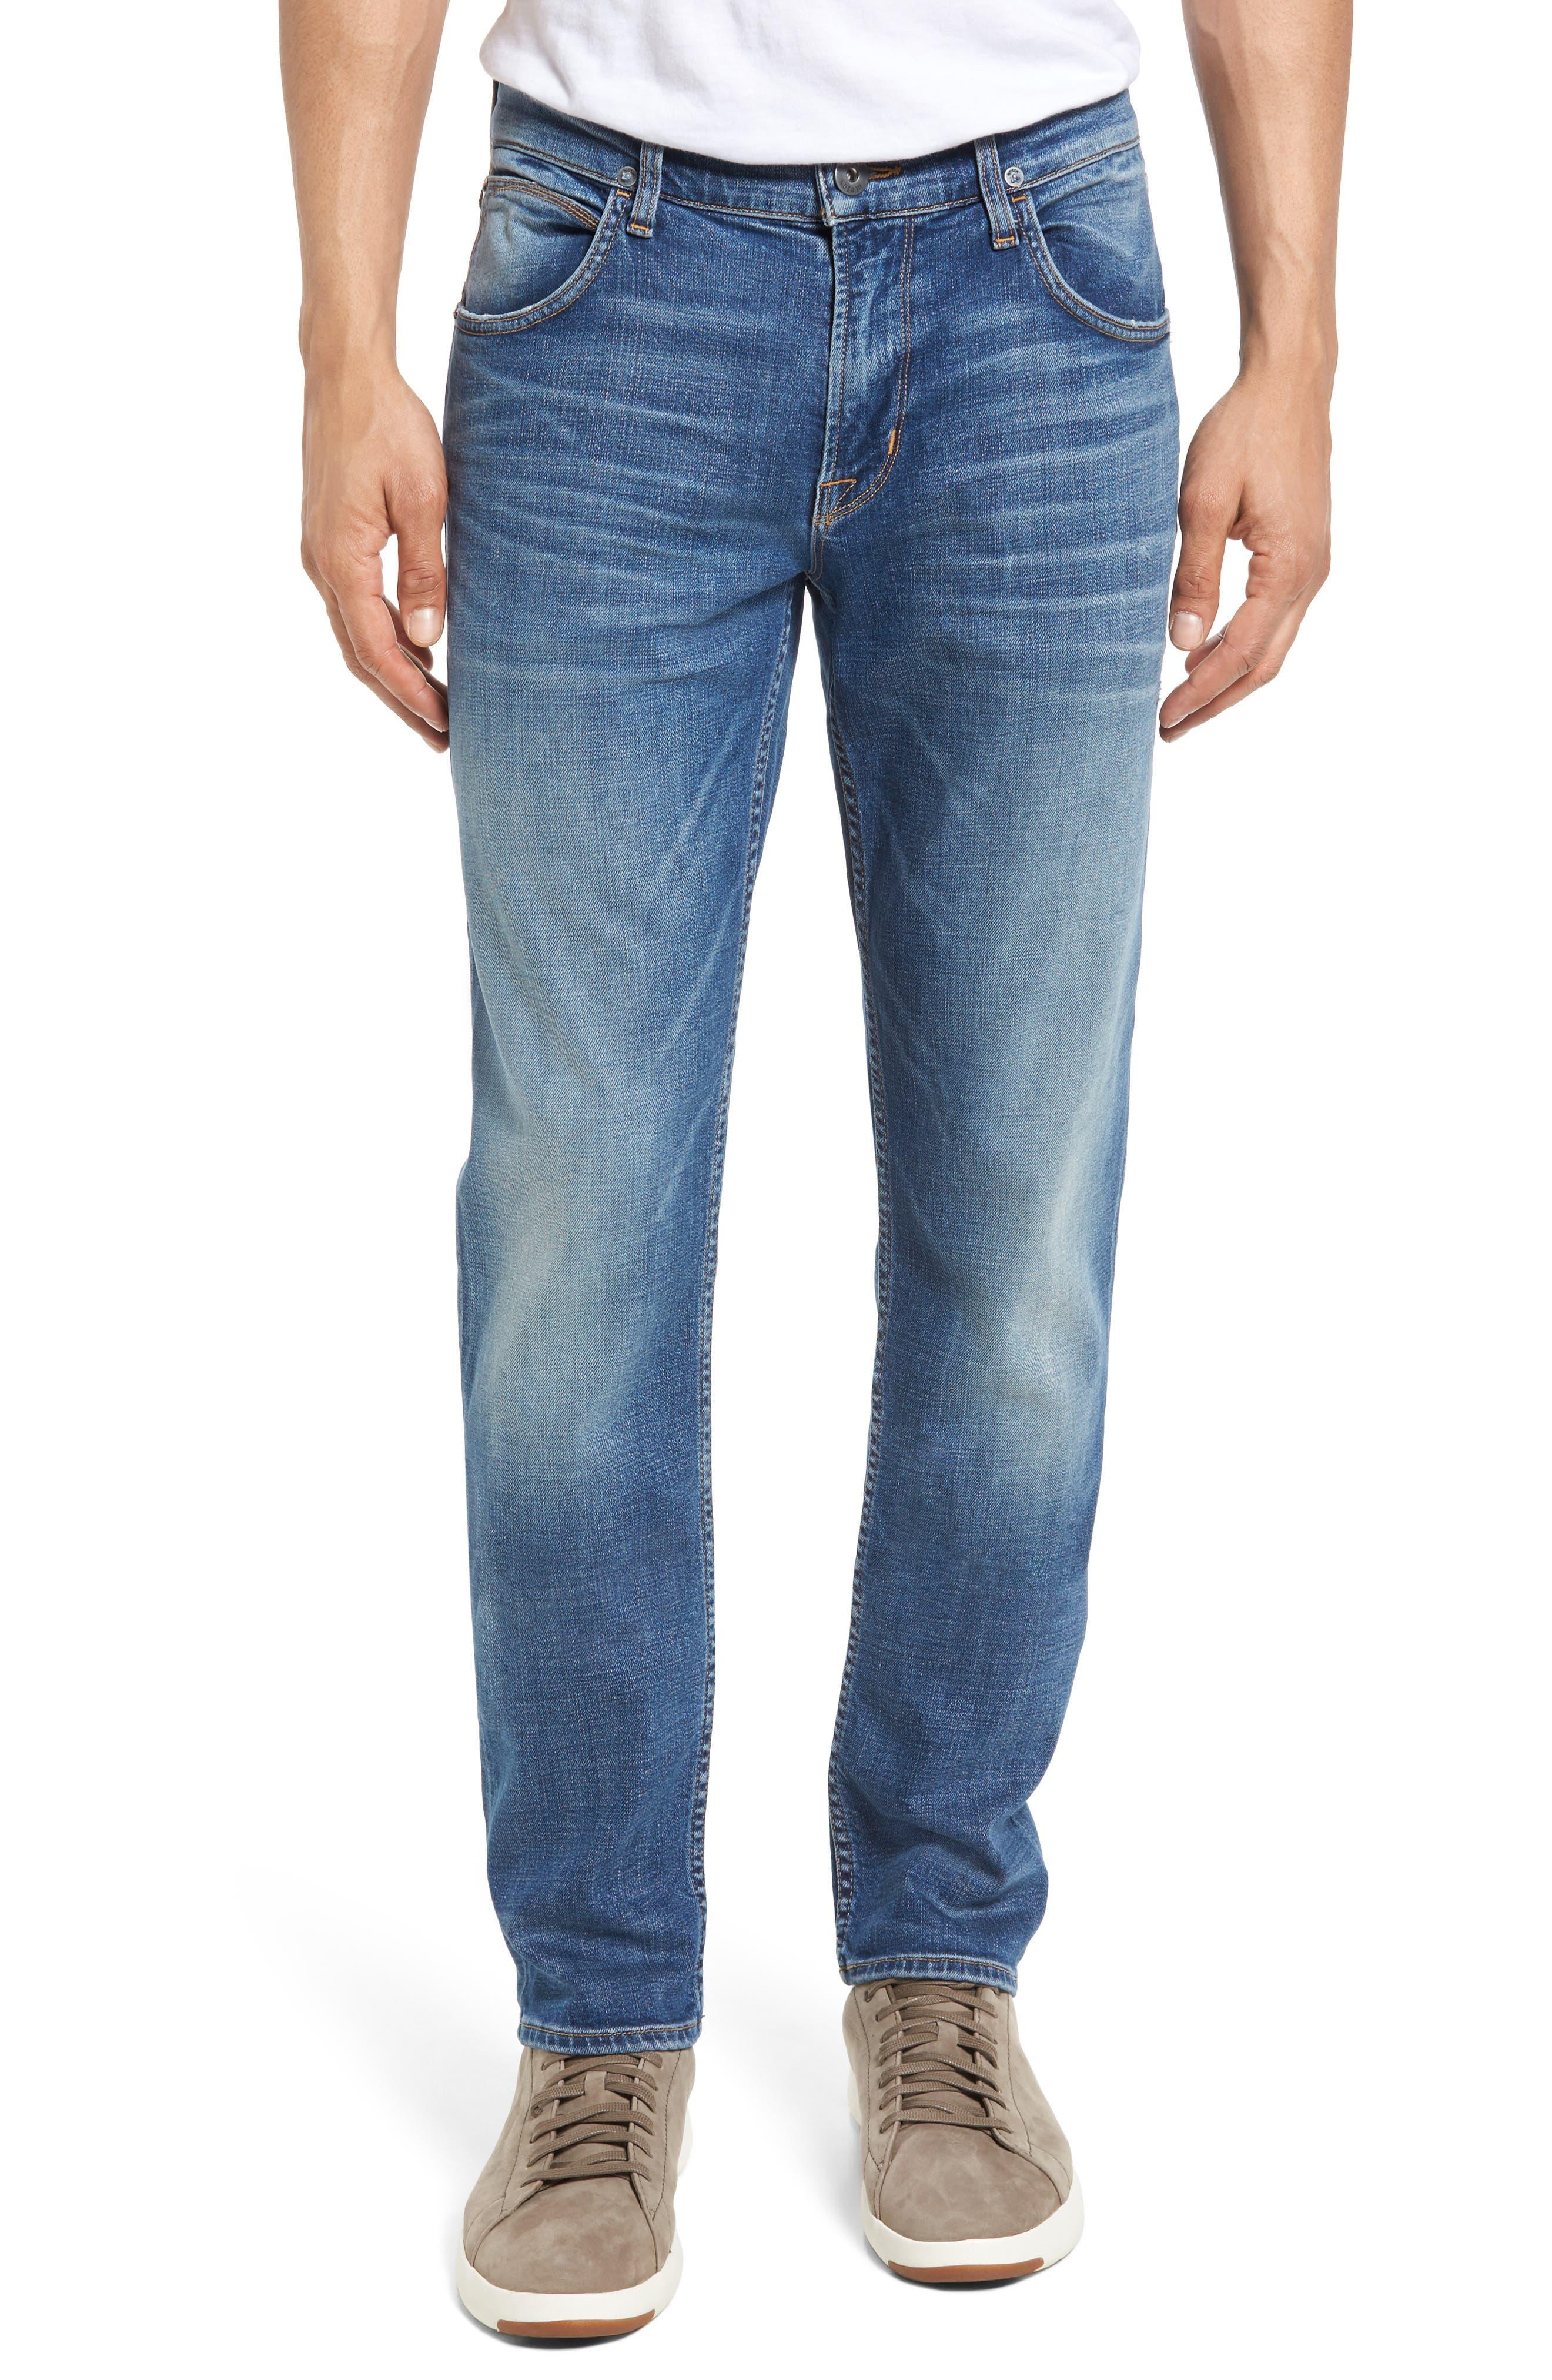 Blake Slim Fit Jeans,                         Main,                         color, 453